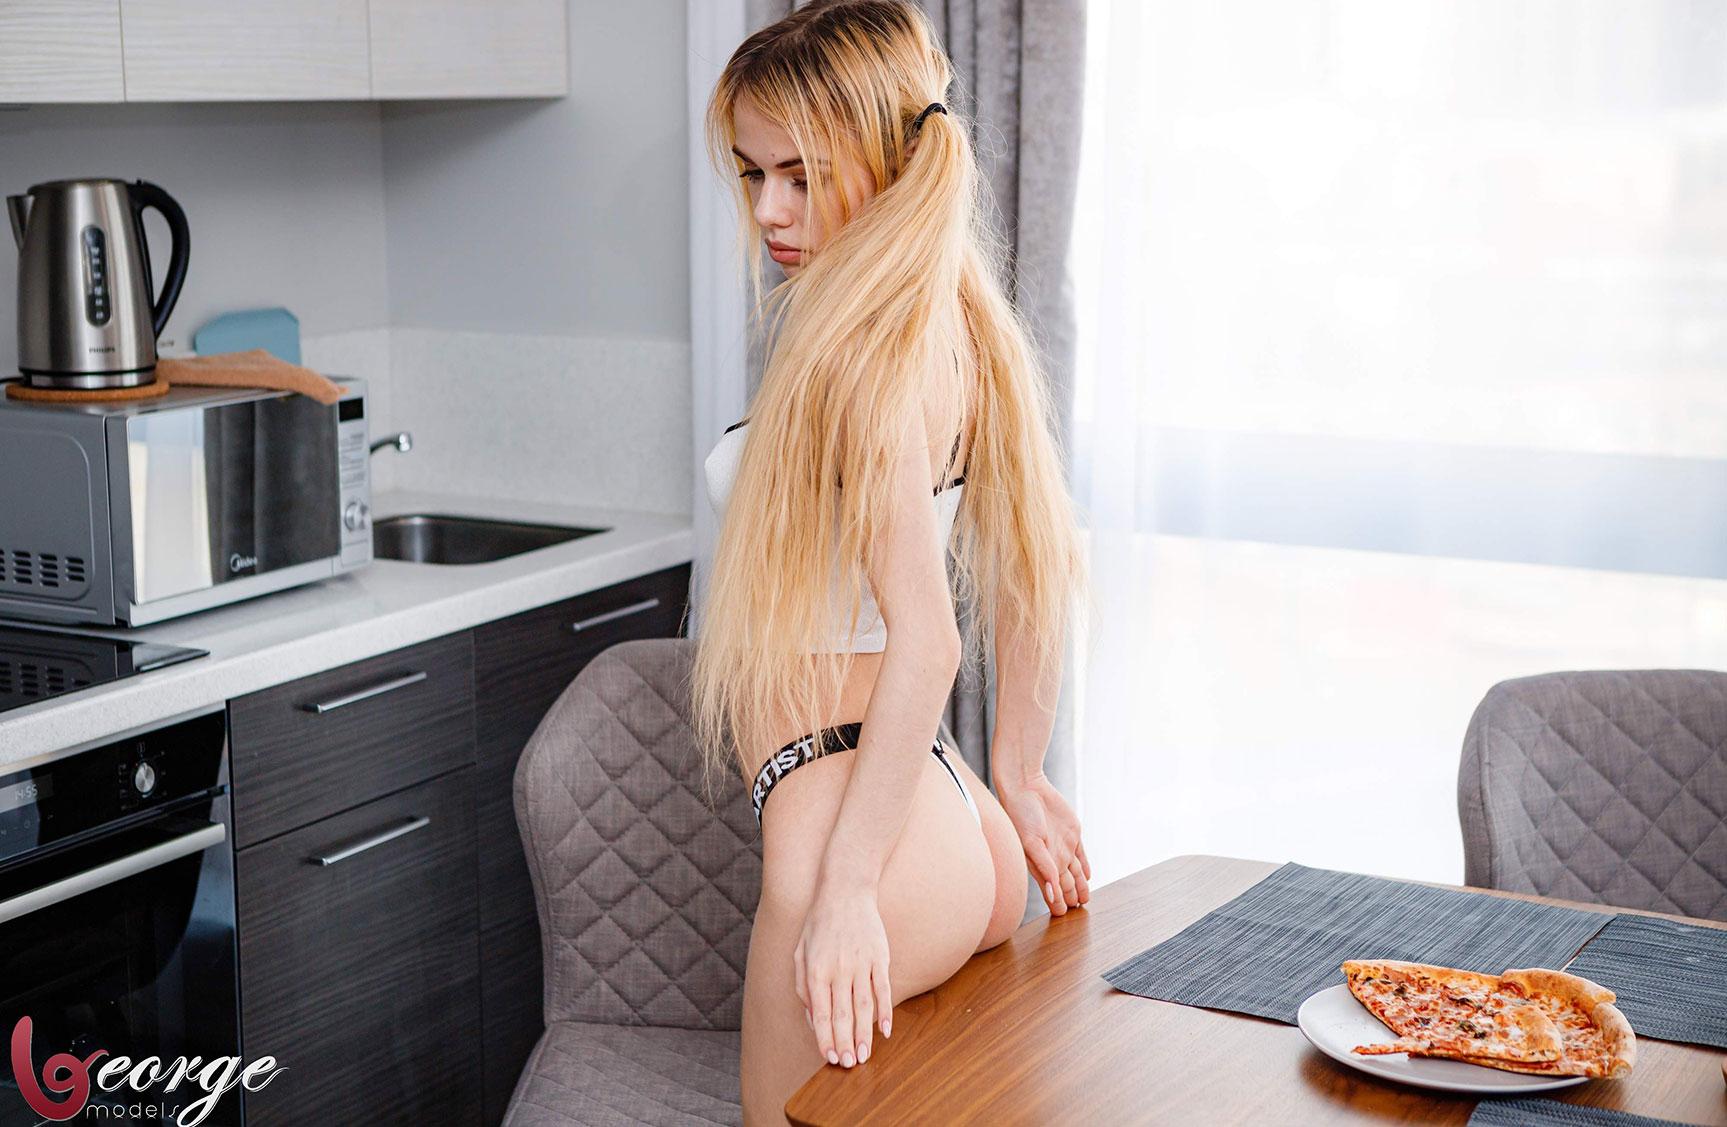 Саша Смелова готовит пиццу и развлекается с ней / фото 03